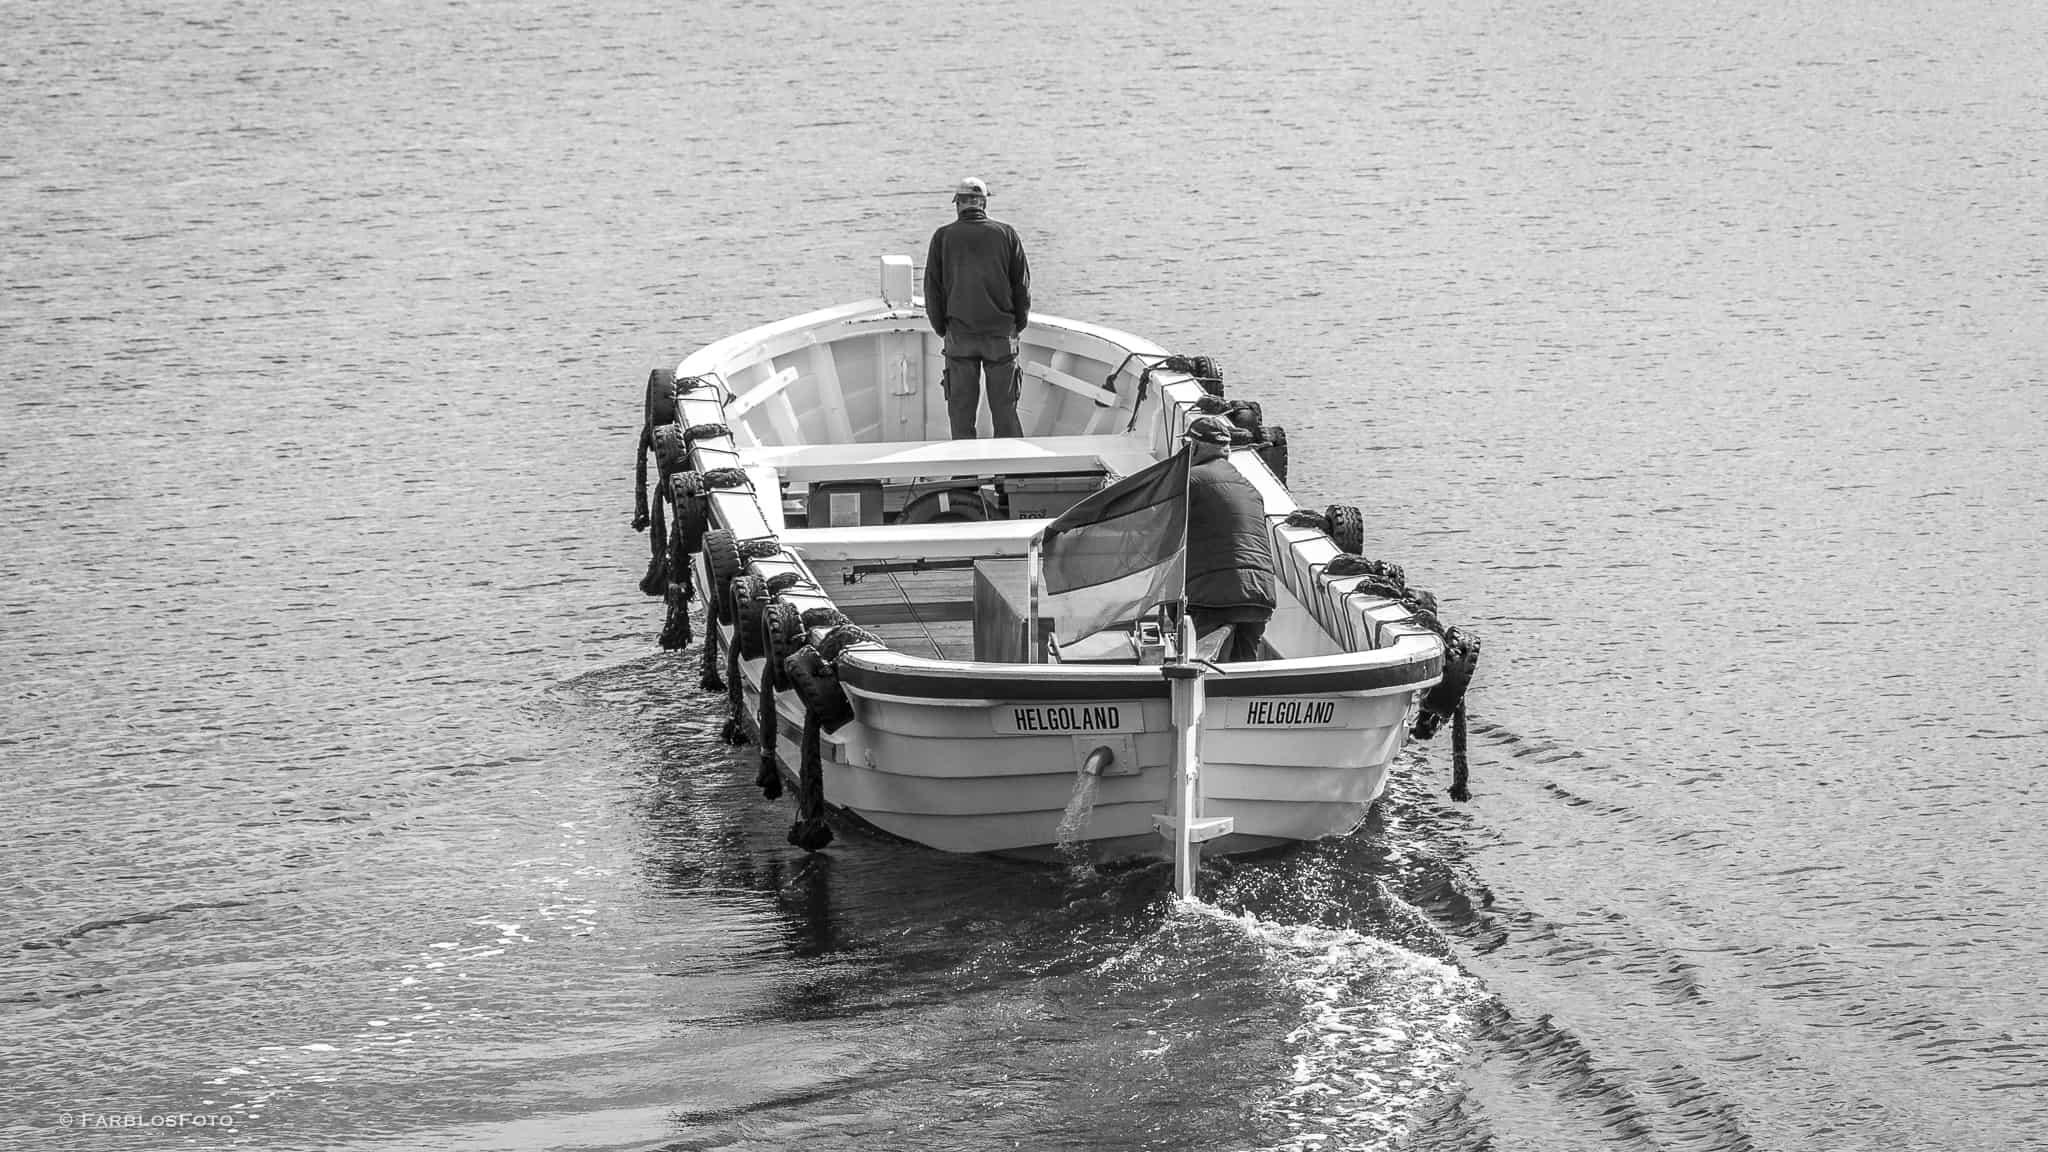 Börteboote eine Tradition auf Helgoland